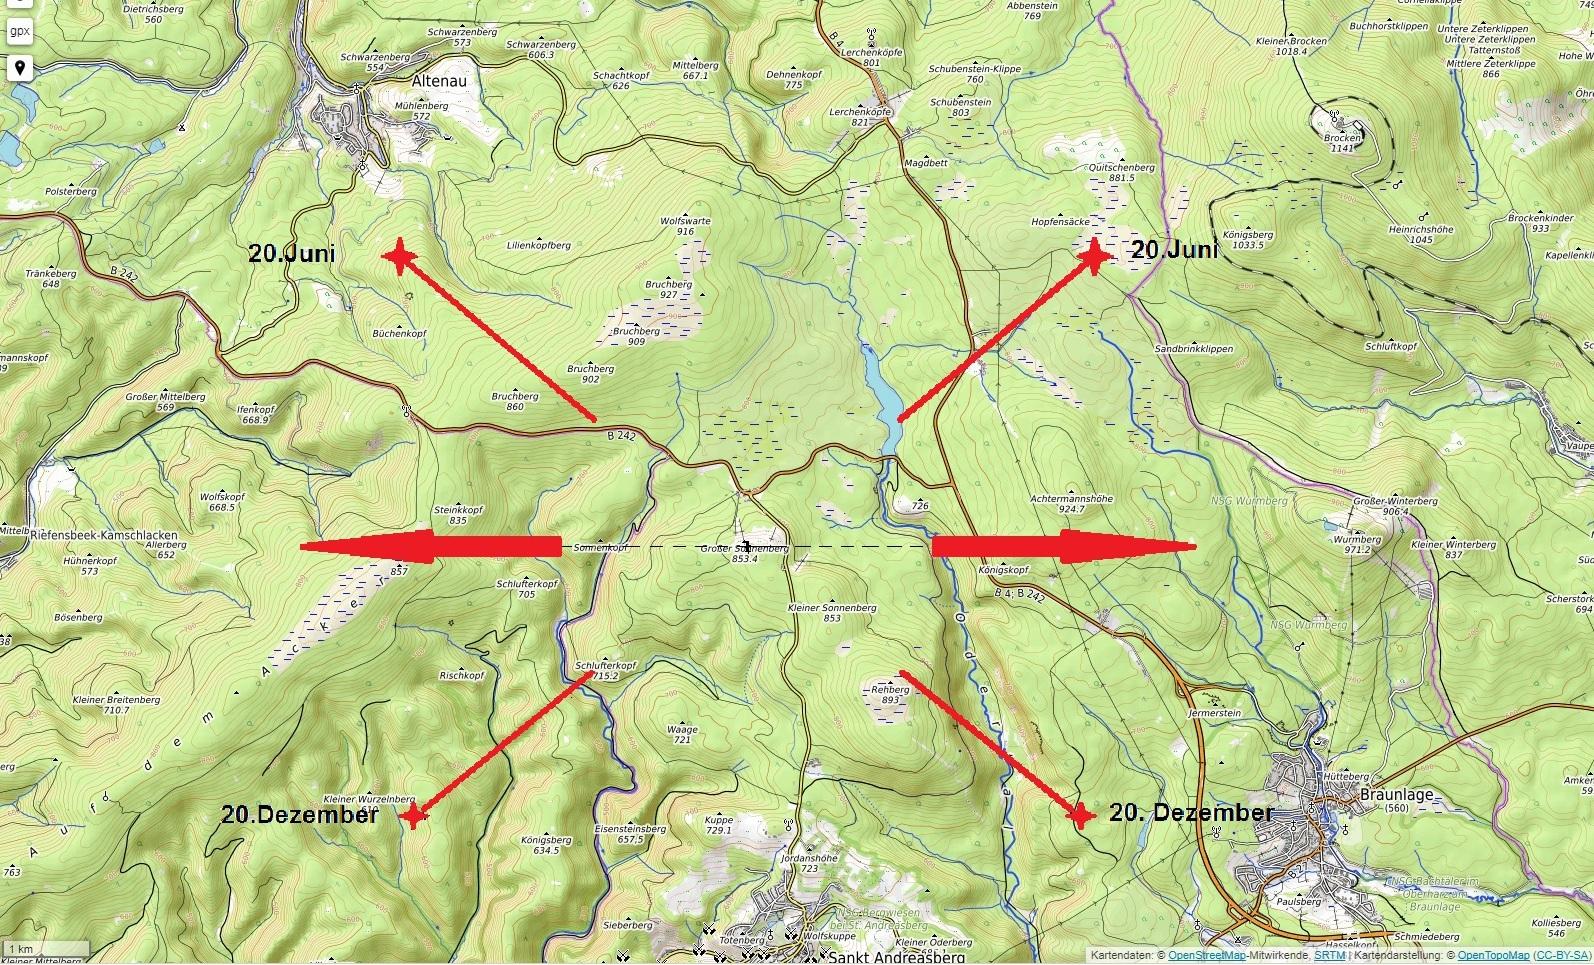 Lage des Sonnenberges mit Sonnenkopf, Wurmberg, Brocken usw.